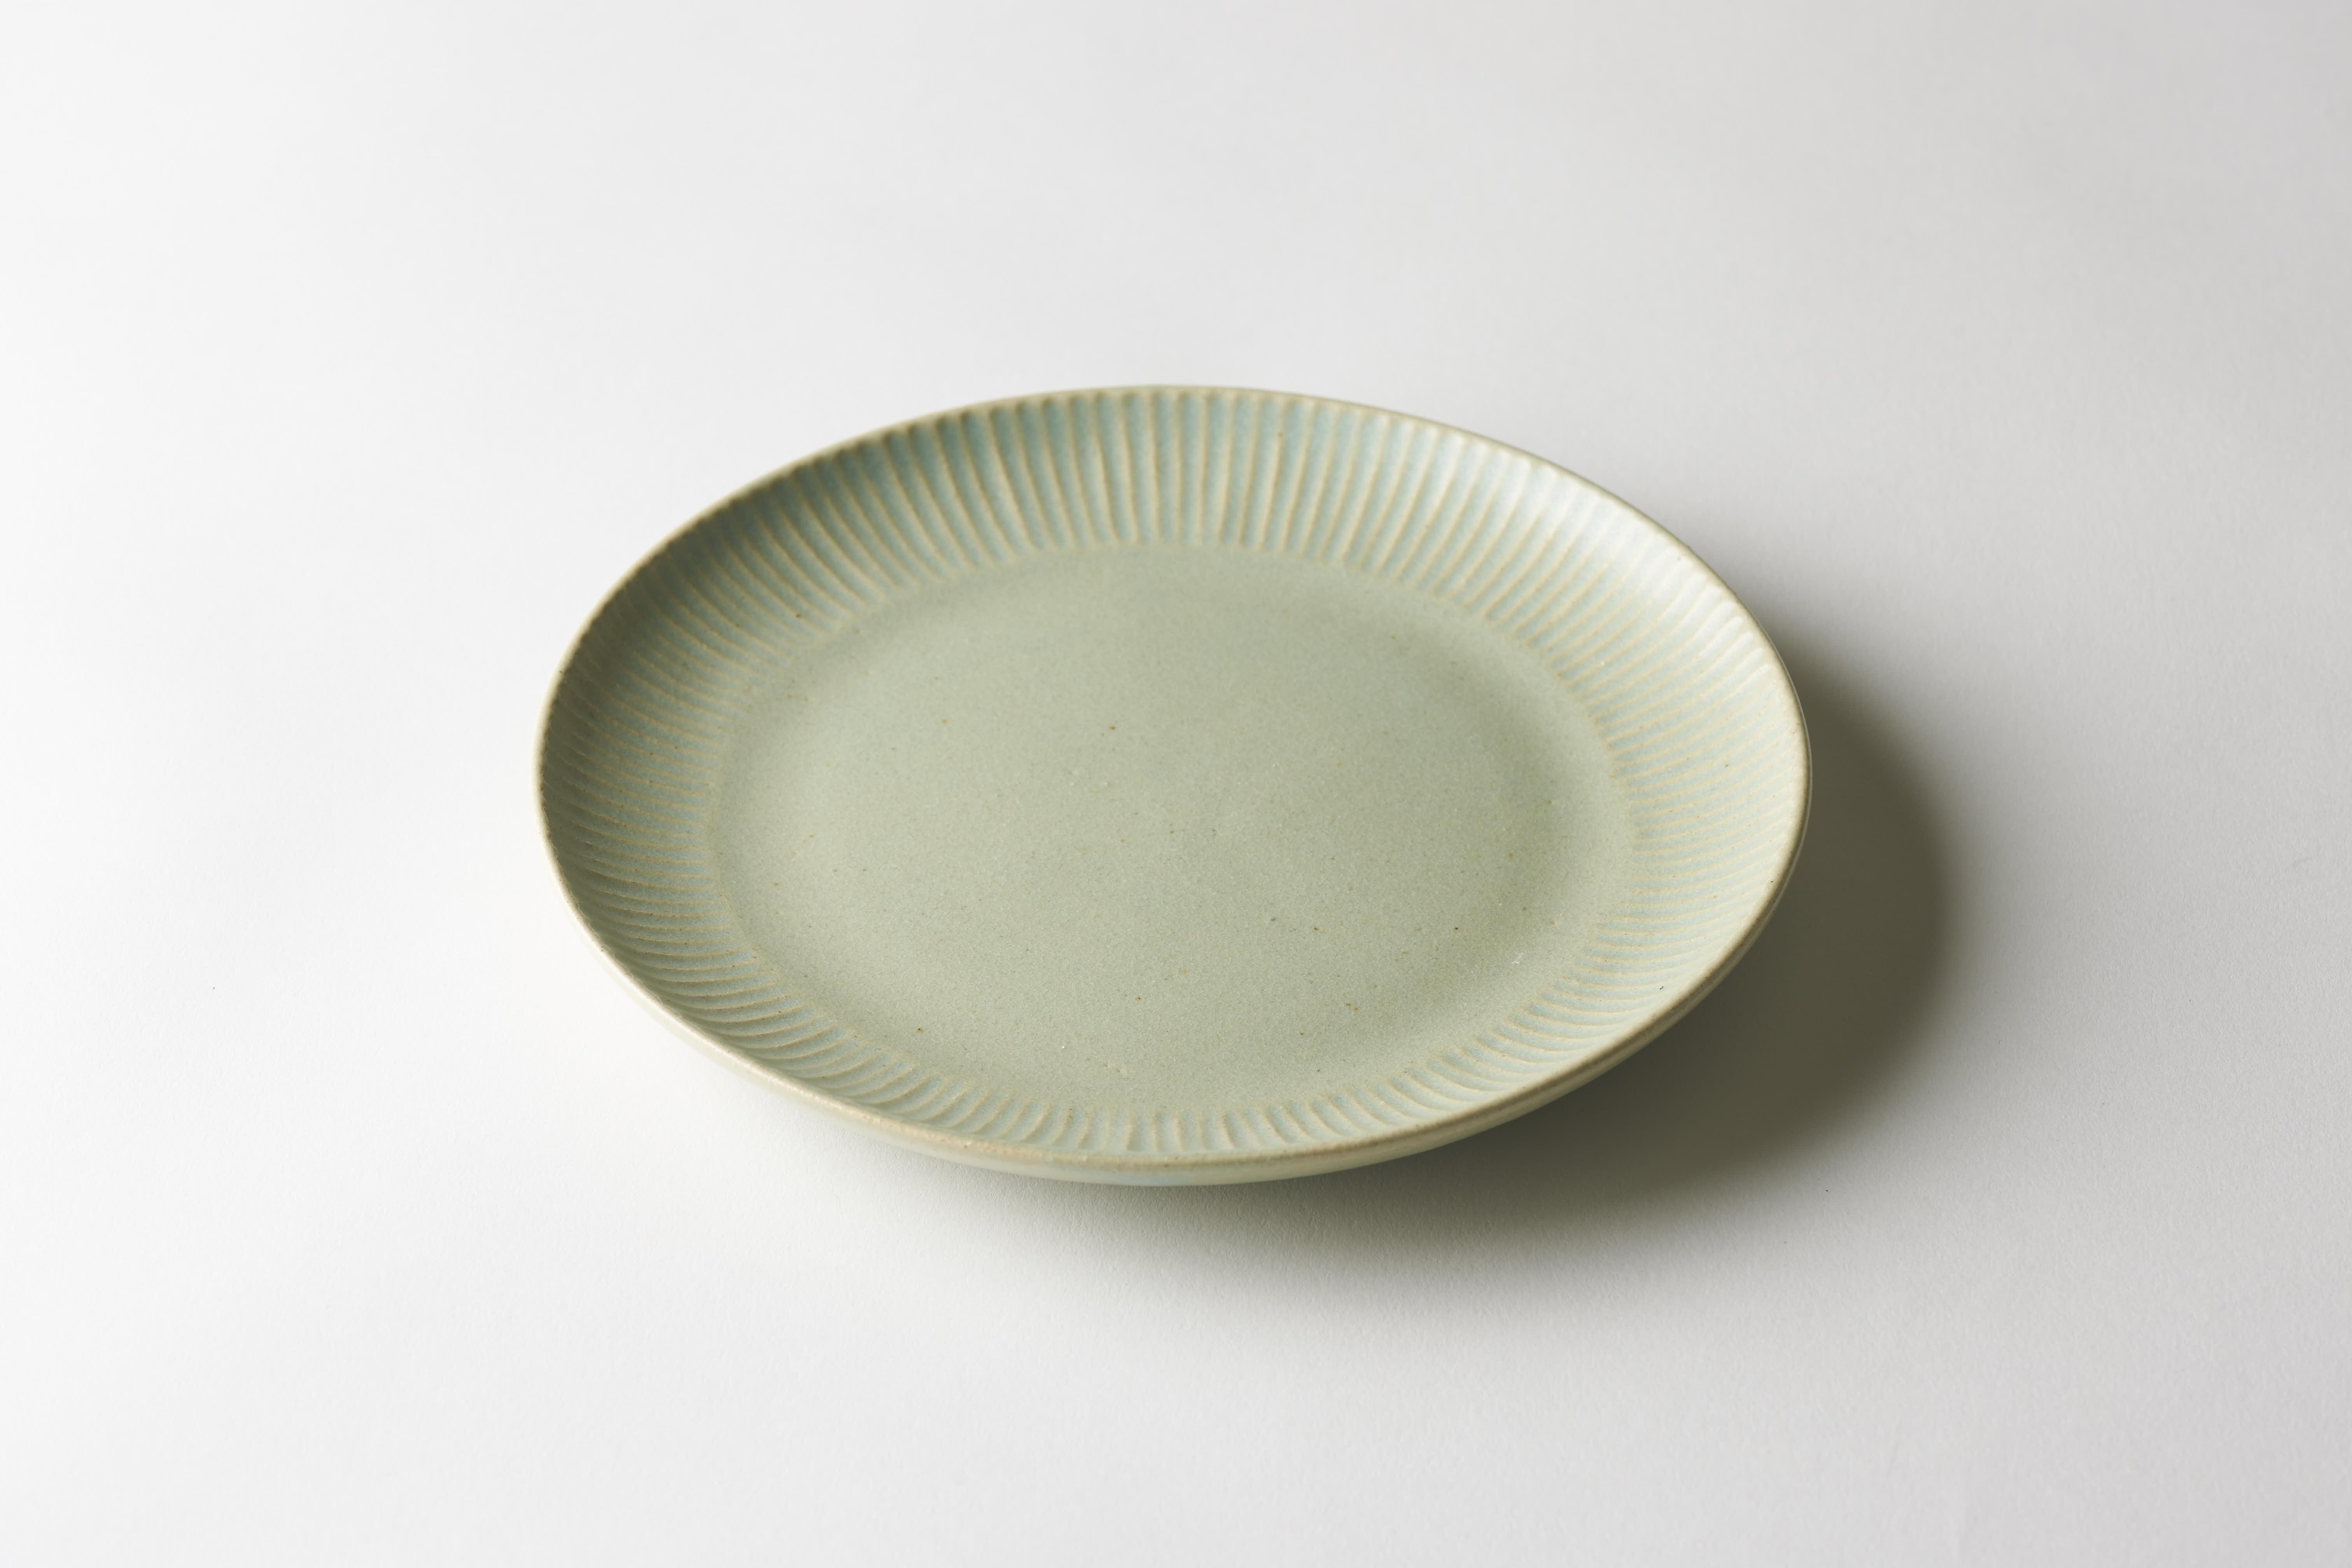 しのぎ7寸皿(グリーン)